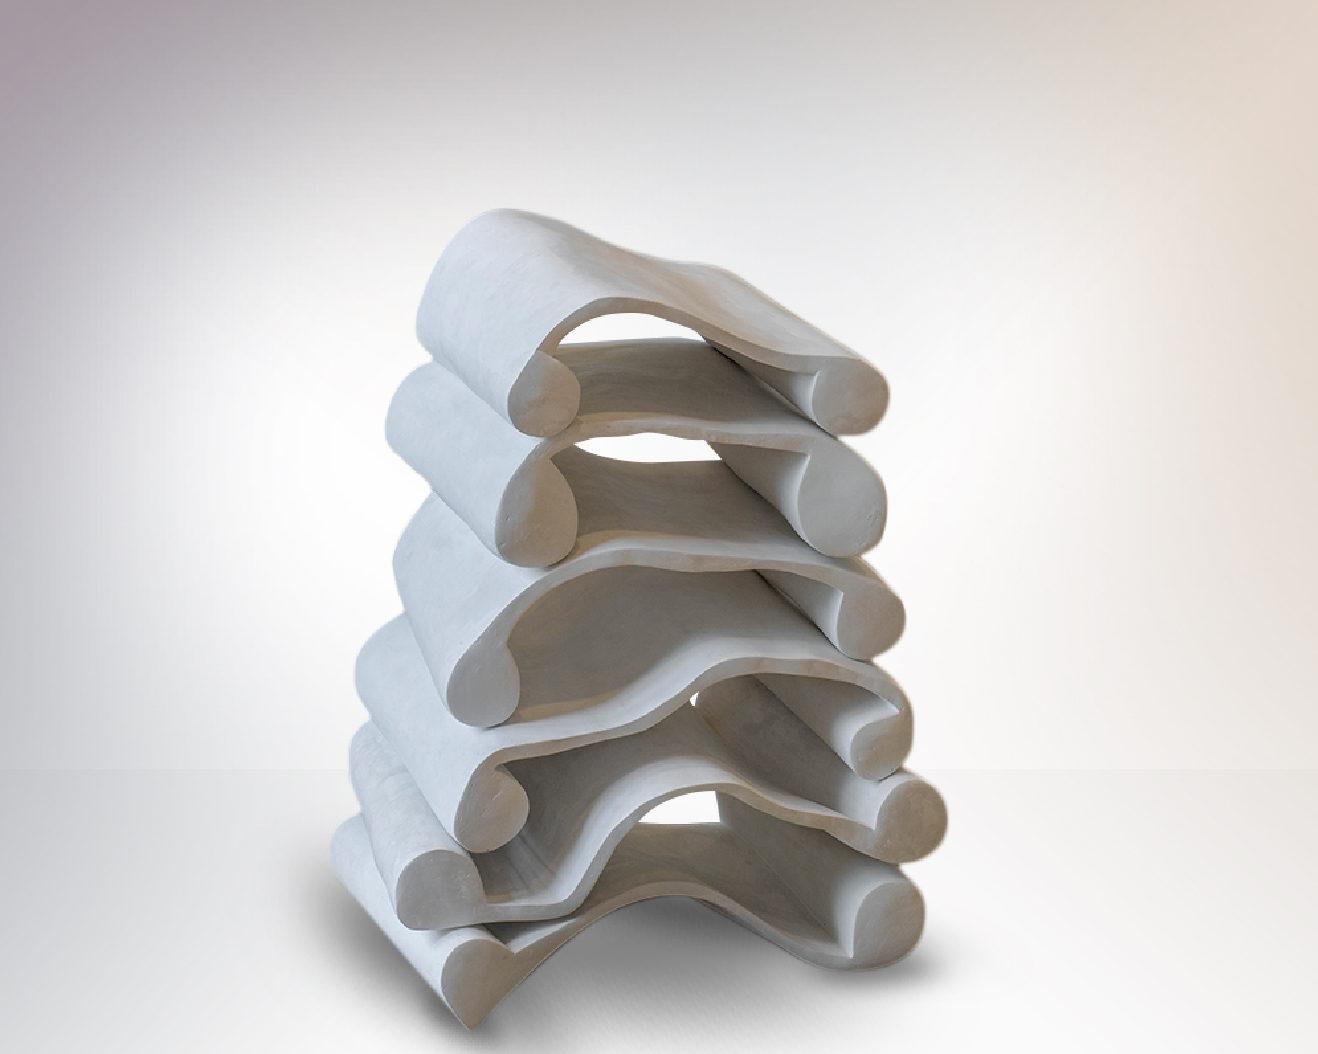 Scheiterhaufen Sculpture by Carola Eggeling 1